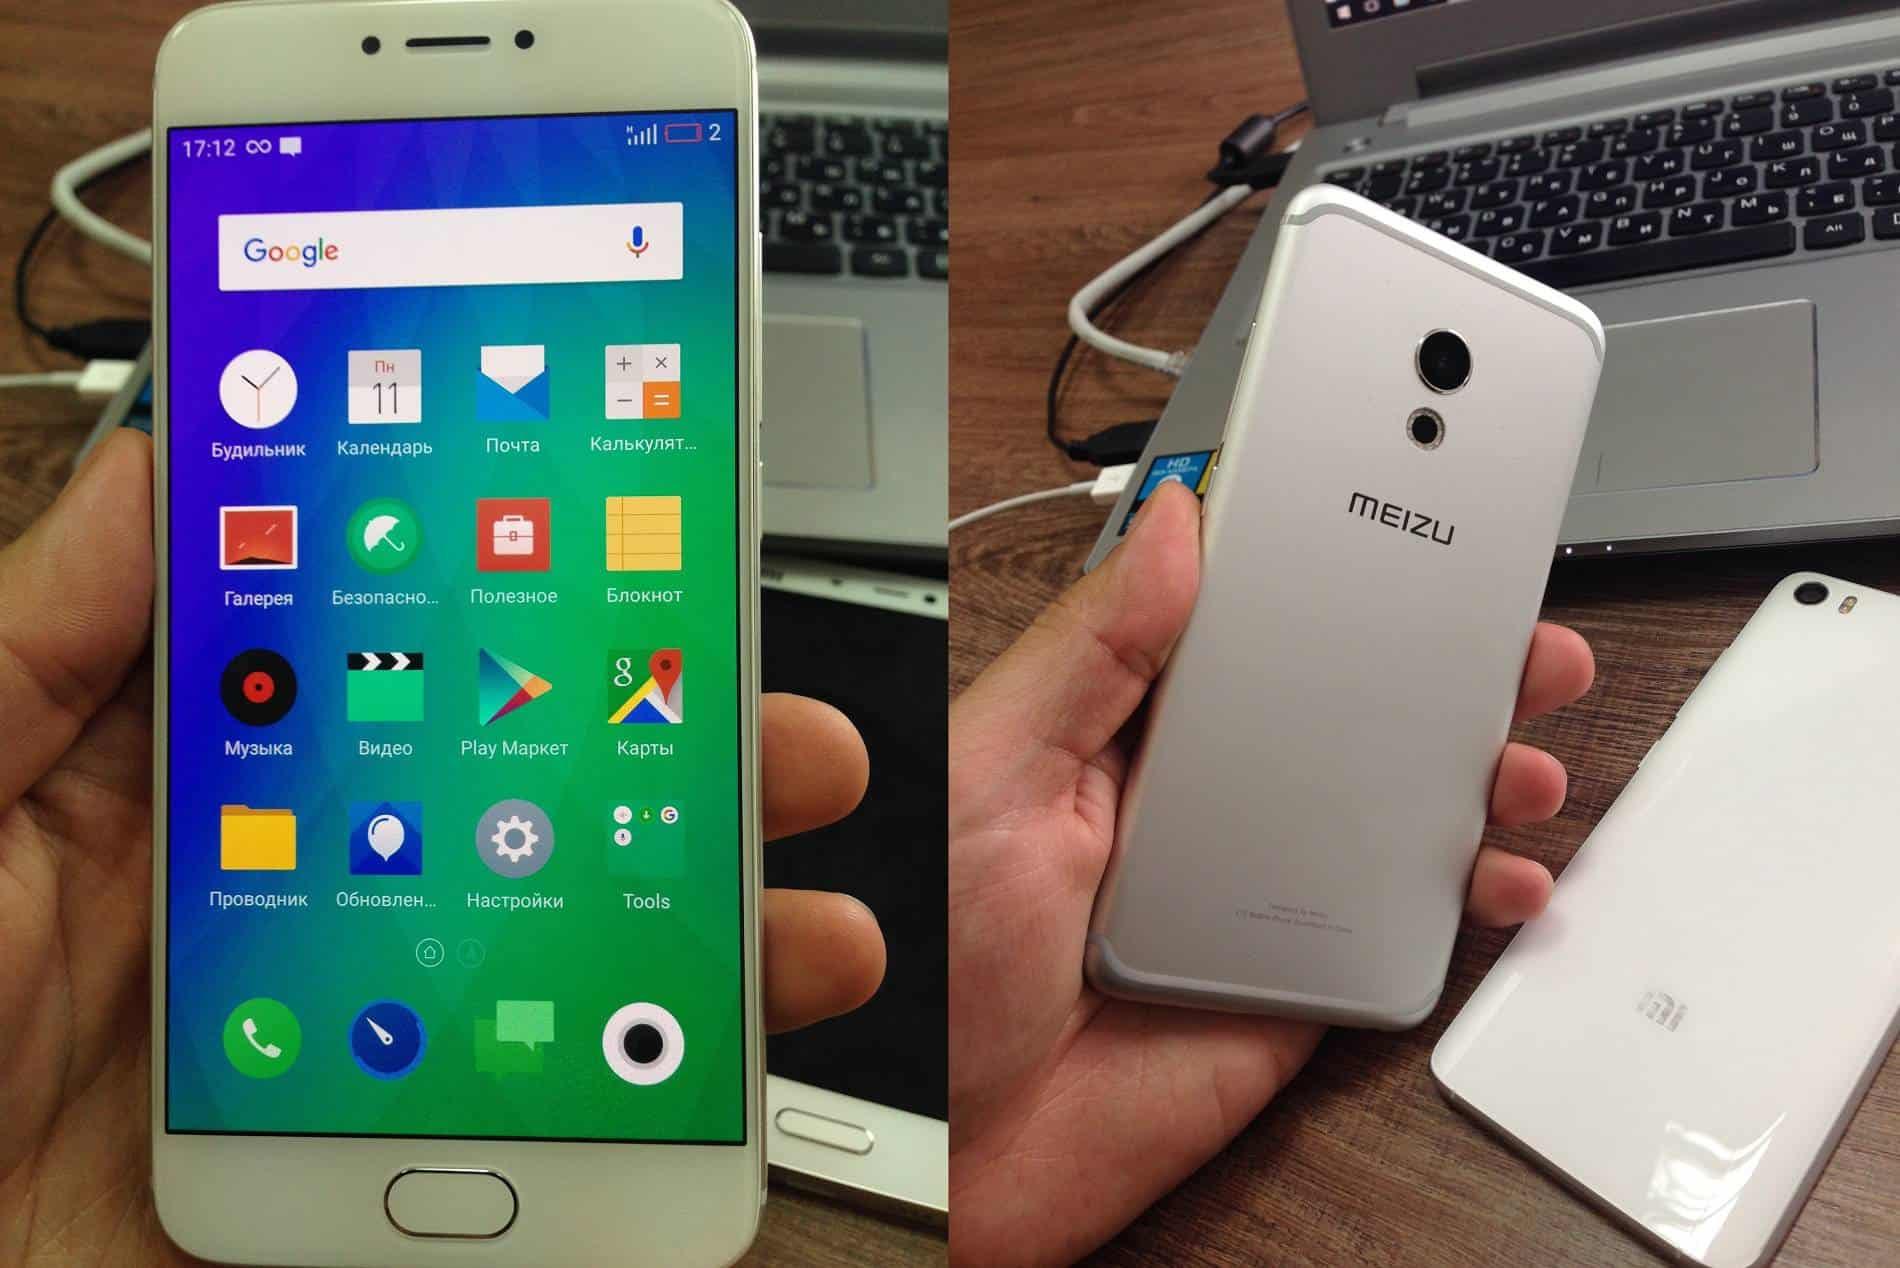 شركة Meizu ستقوم باطلاق هواتف ذكية  بمواصفات عالية وأثمنة مناسبة